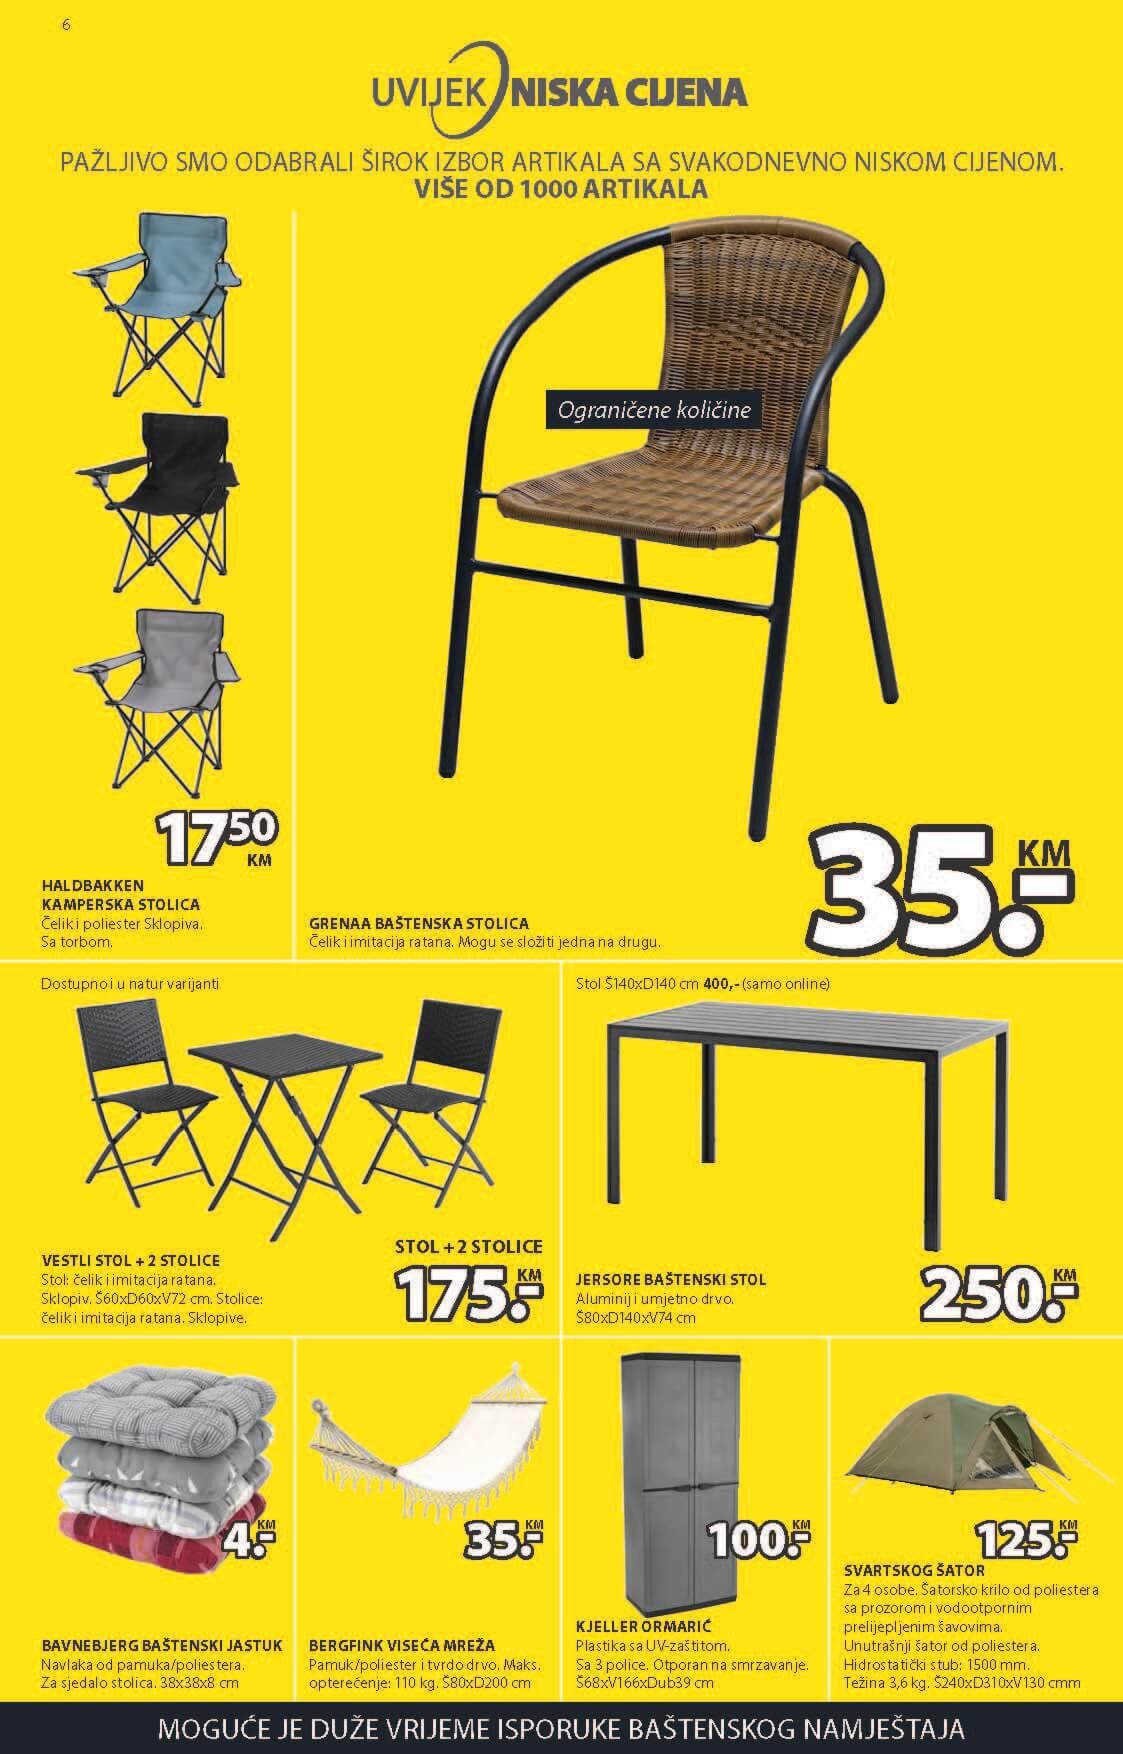 JYSK Katalog Akcijska rasprodaja JUN 2021 03.06. 16.06 eKatalozi.com PR Page 07